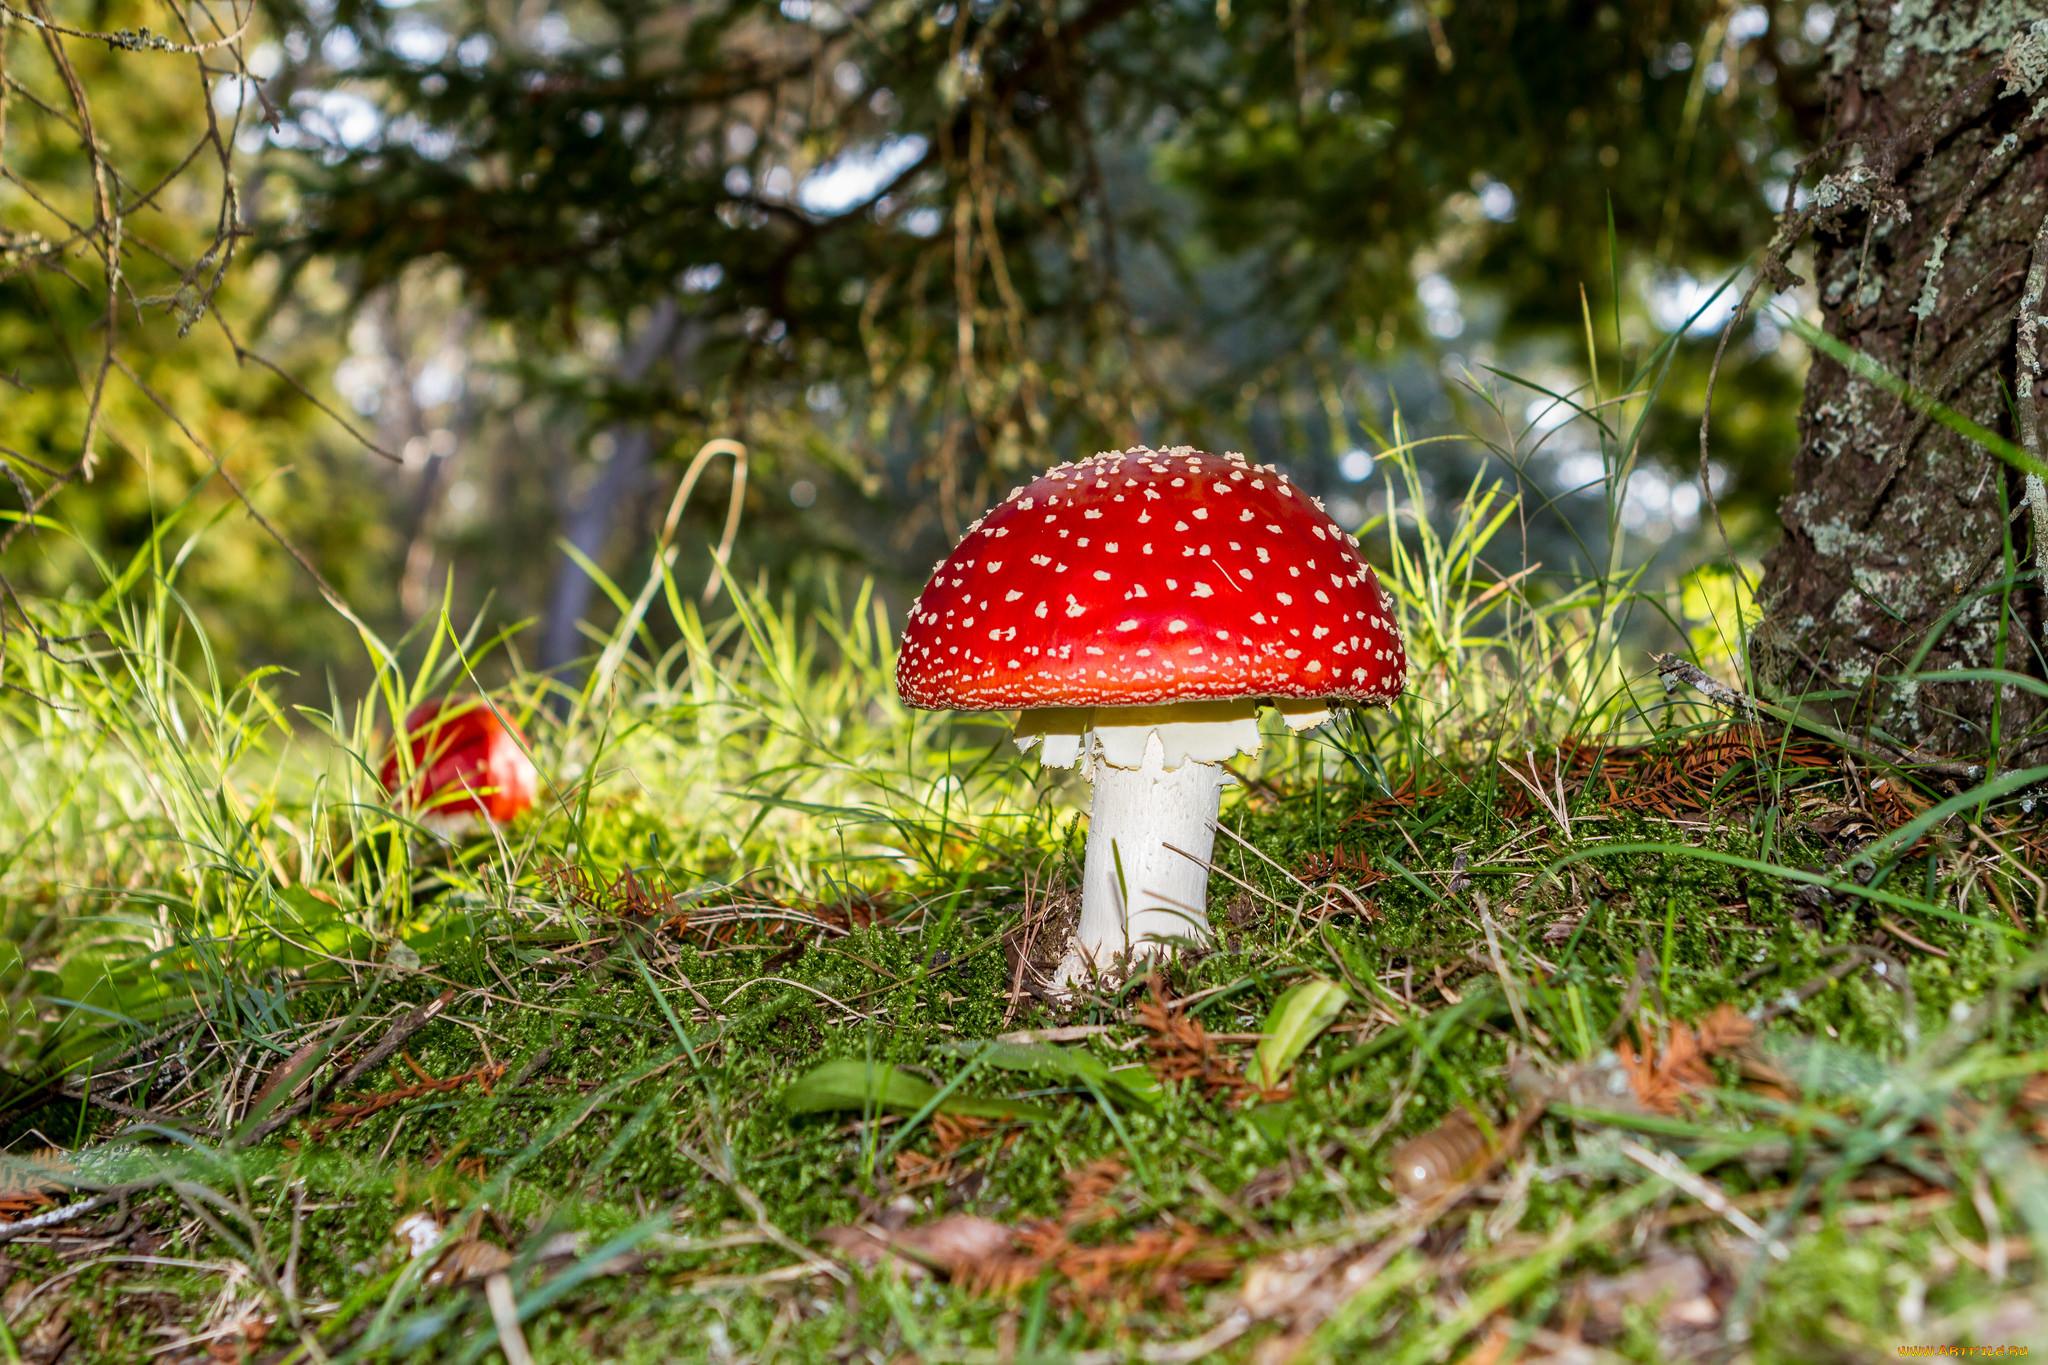 картинки о природе растениях и грибах лучших зубных